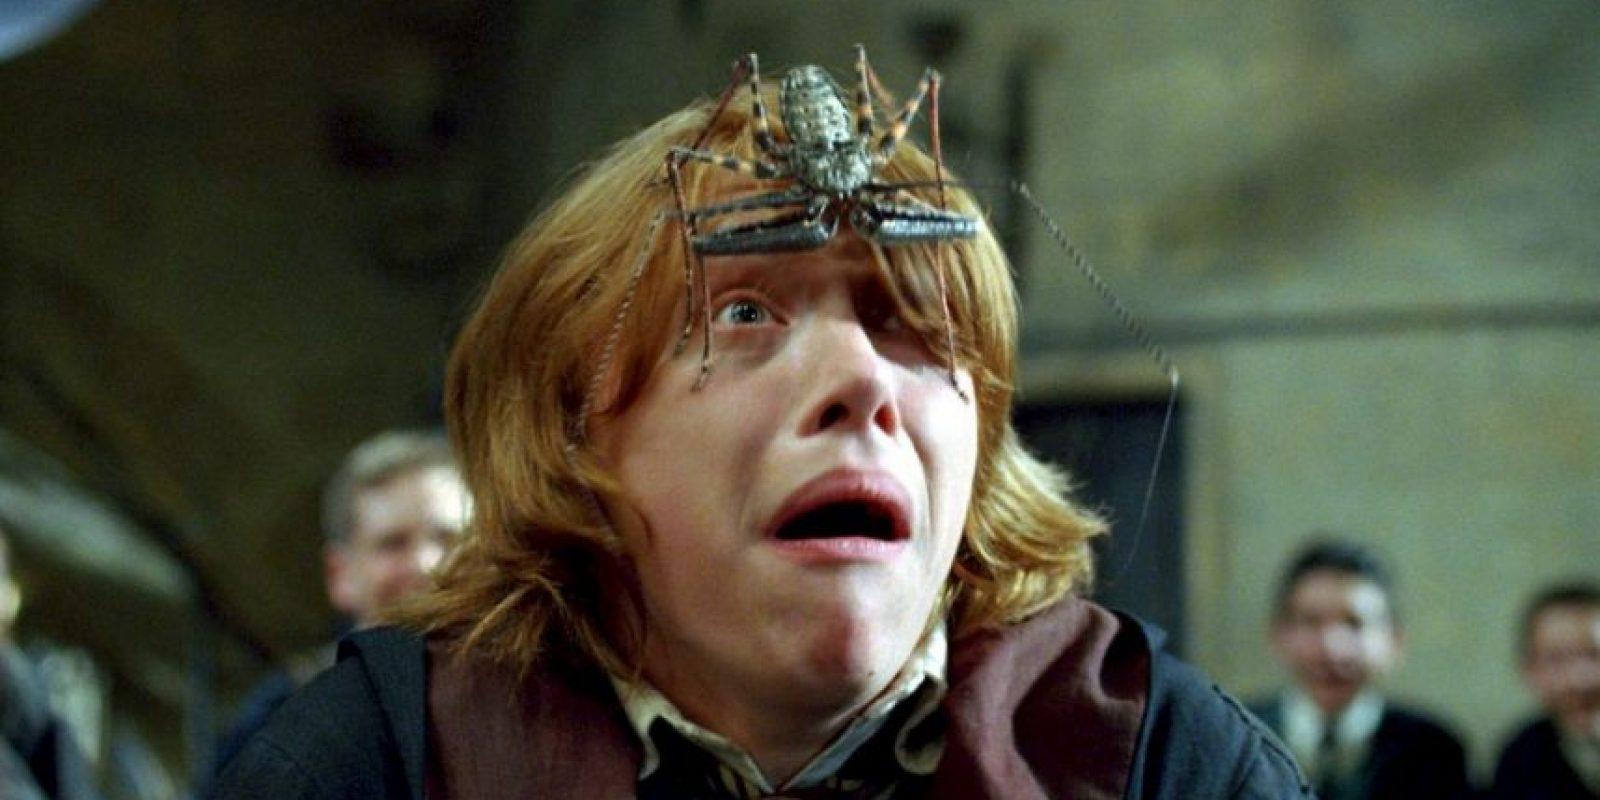 Al igual que su personaje Ron Weasley, al actor Rupert Grint le dan miedo las arañas. Foto:Facebook/Harry Potter